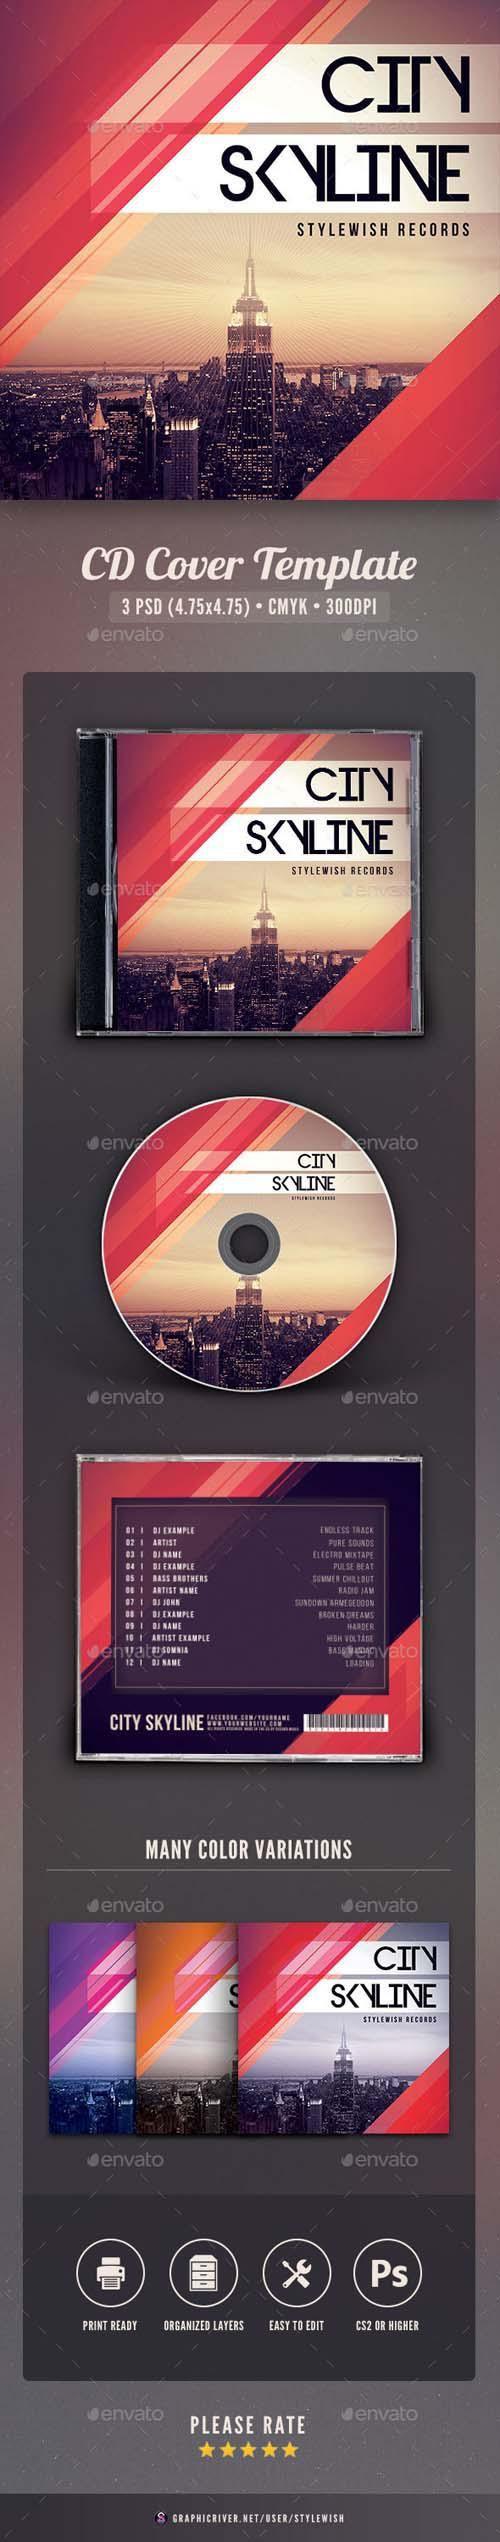 GraphicRiver - City Skyline CD Cover Artwork